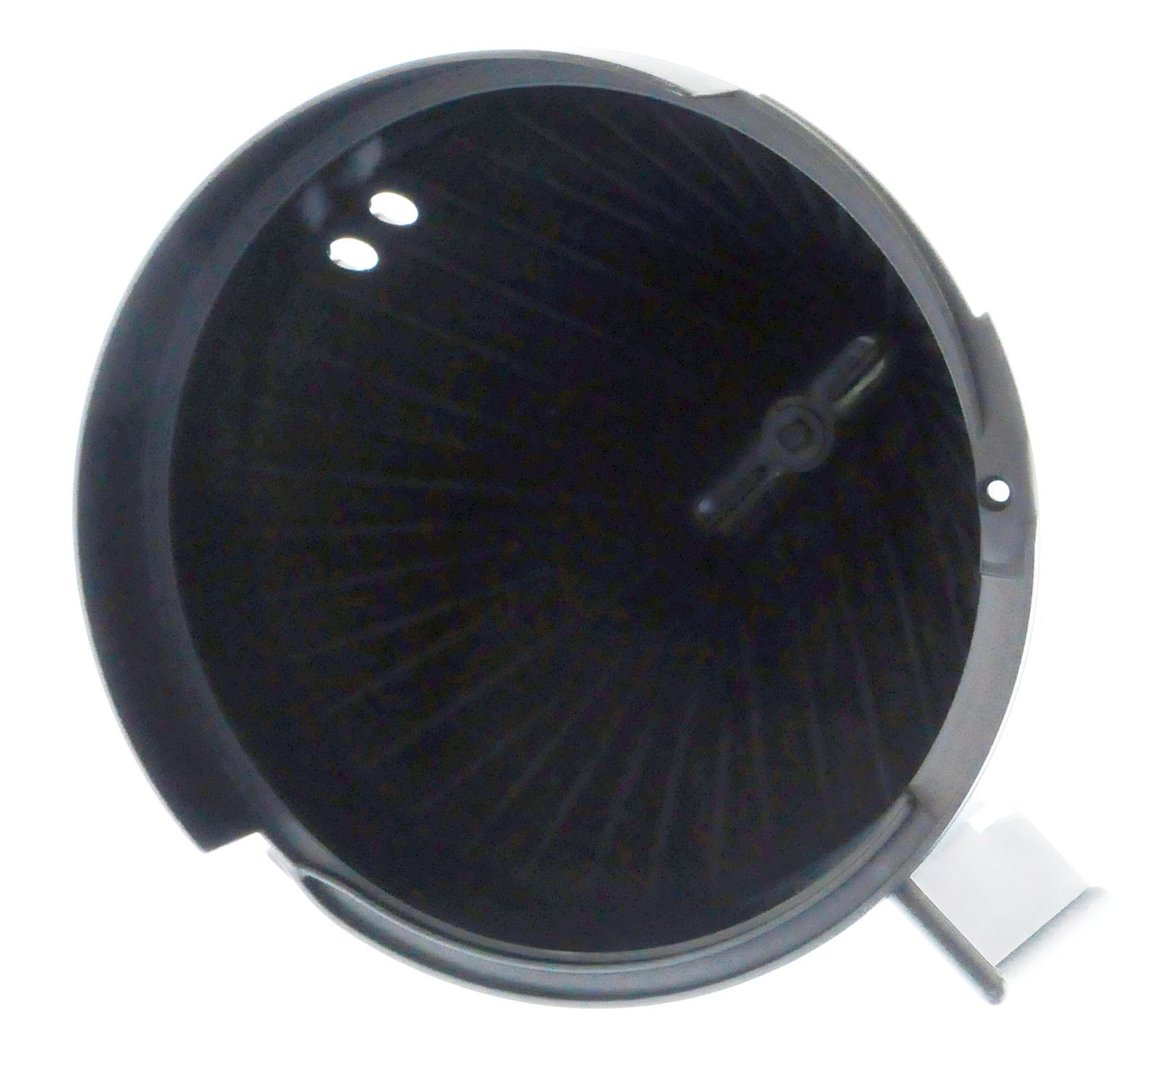 siemens porsche design kaffeemaschine filter einsatz 00497789. Black Bedroom Furniture Sets. Home Design Ideas